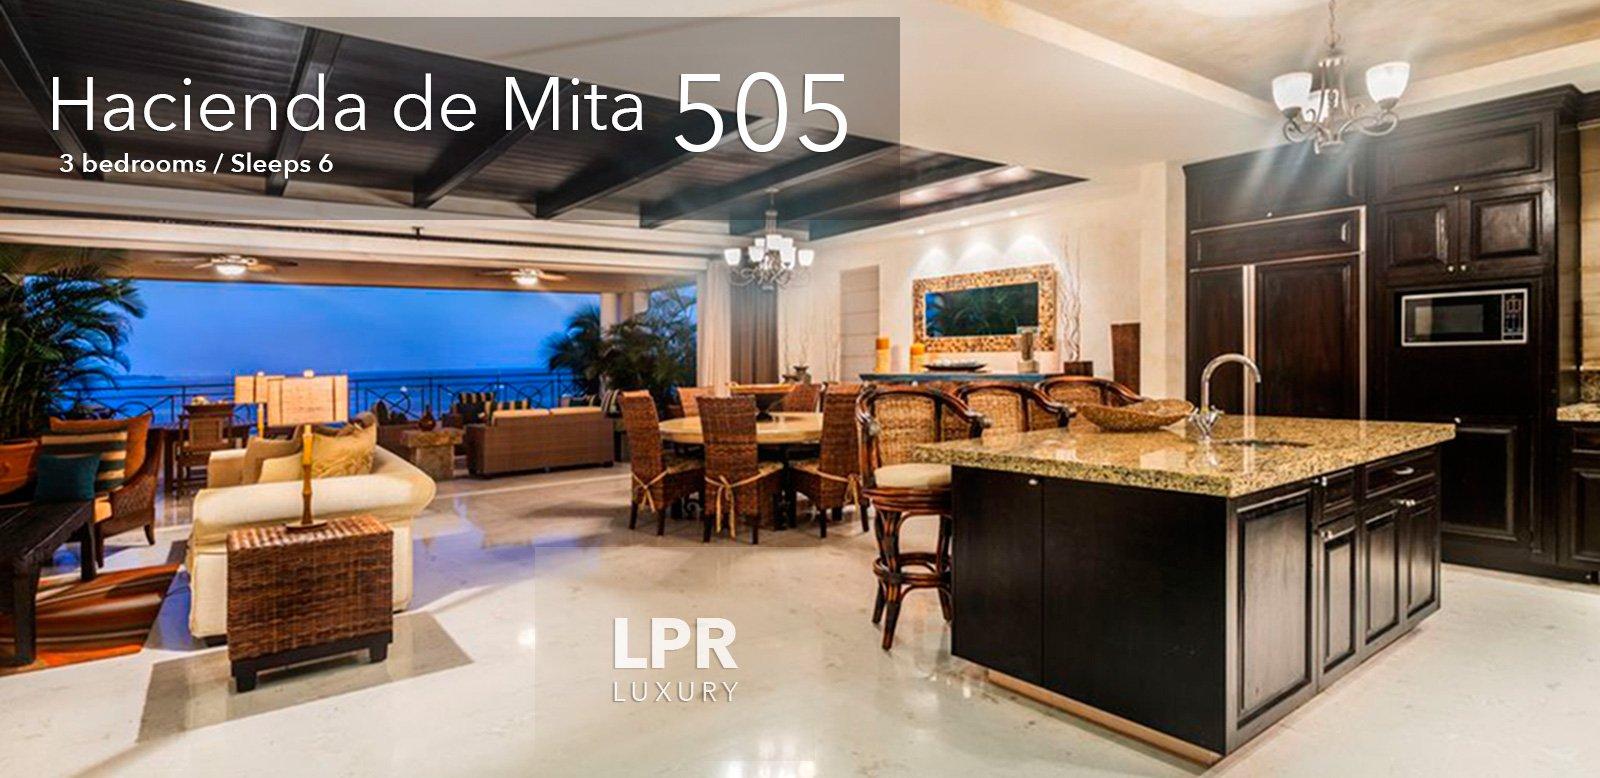 Hacienda de Mita 505